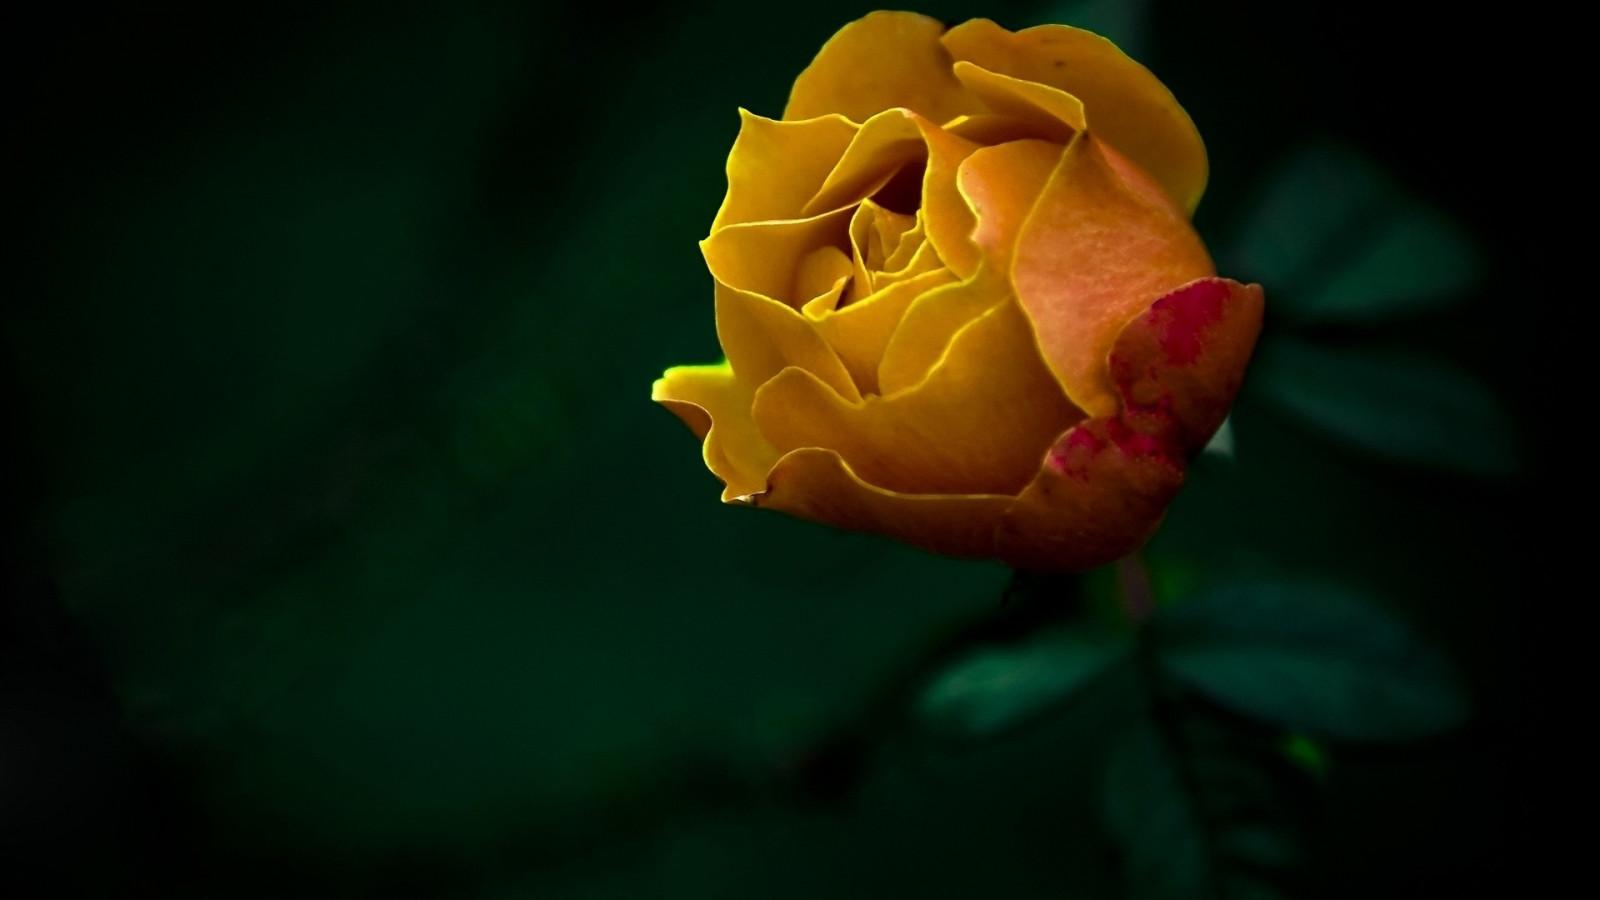 волки держатся картинки растоптать желтую розу норебо